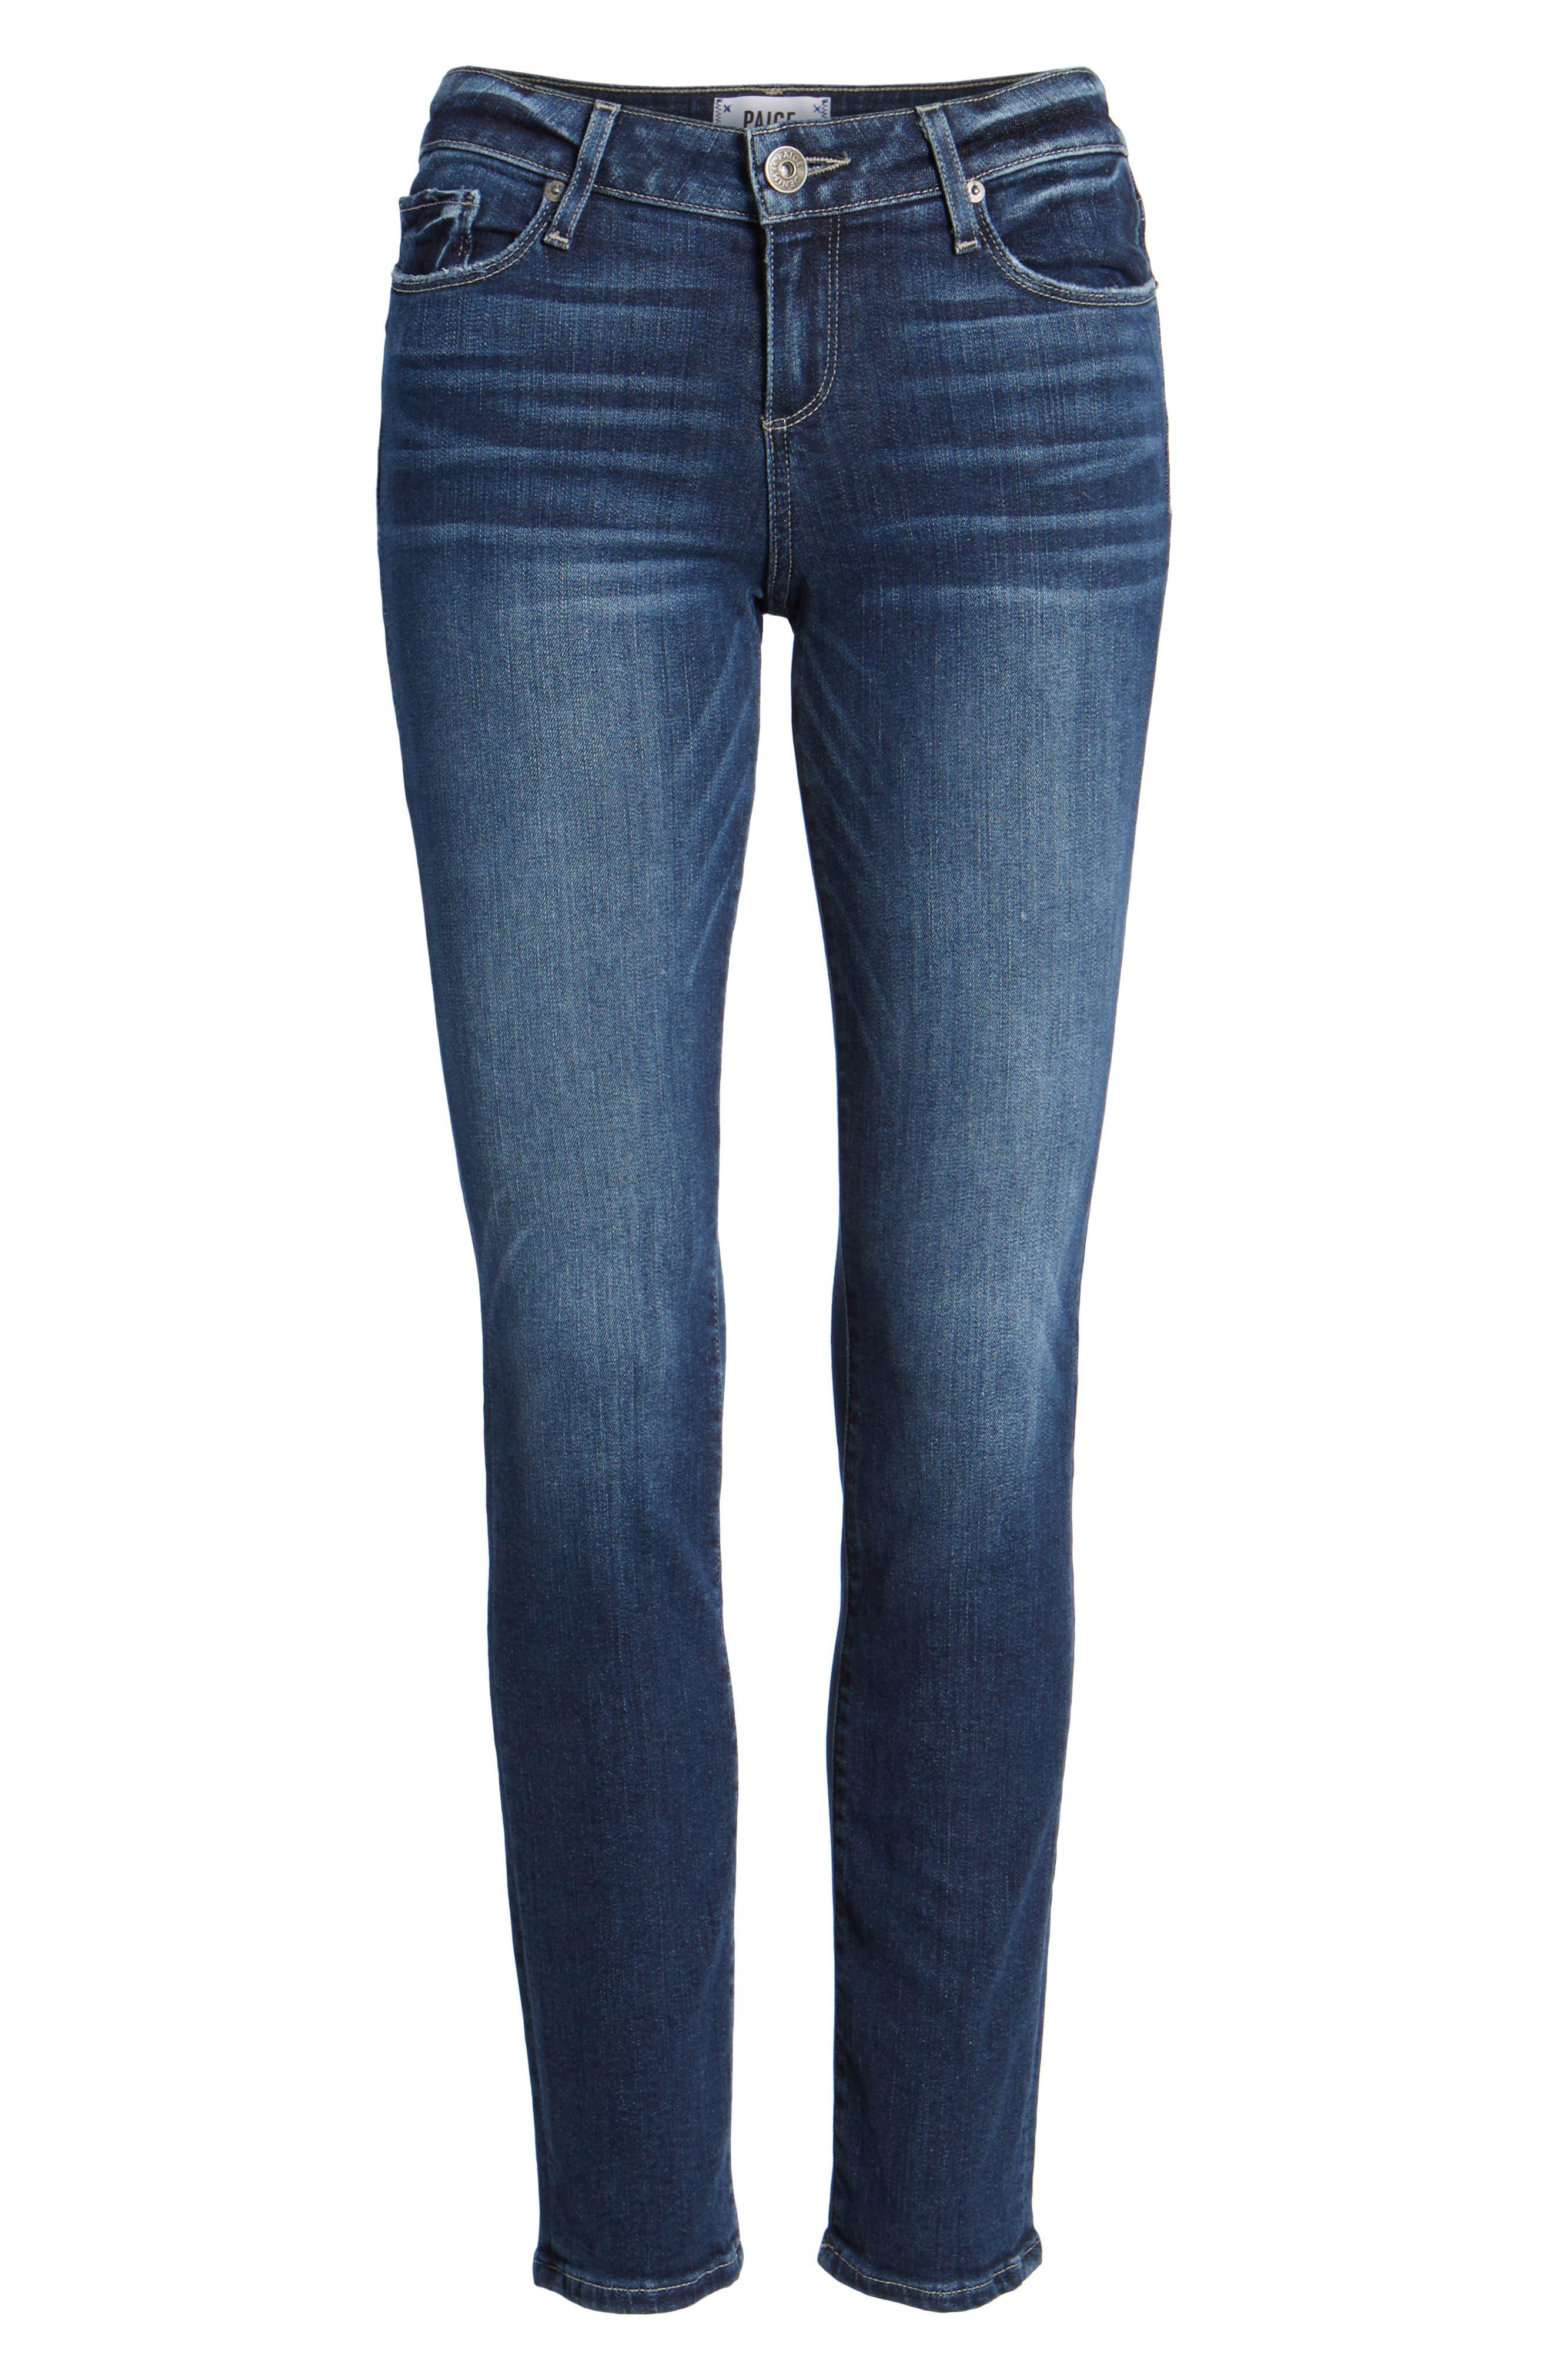 Transcend Vintage - Skyline Skinny Jeans,                             Alternate thumbnail 7, color,                             400